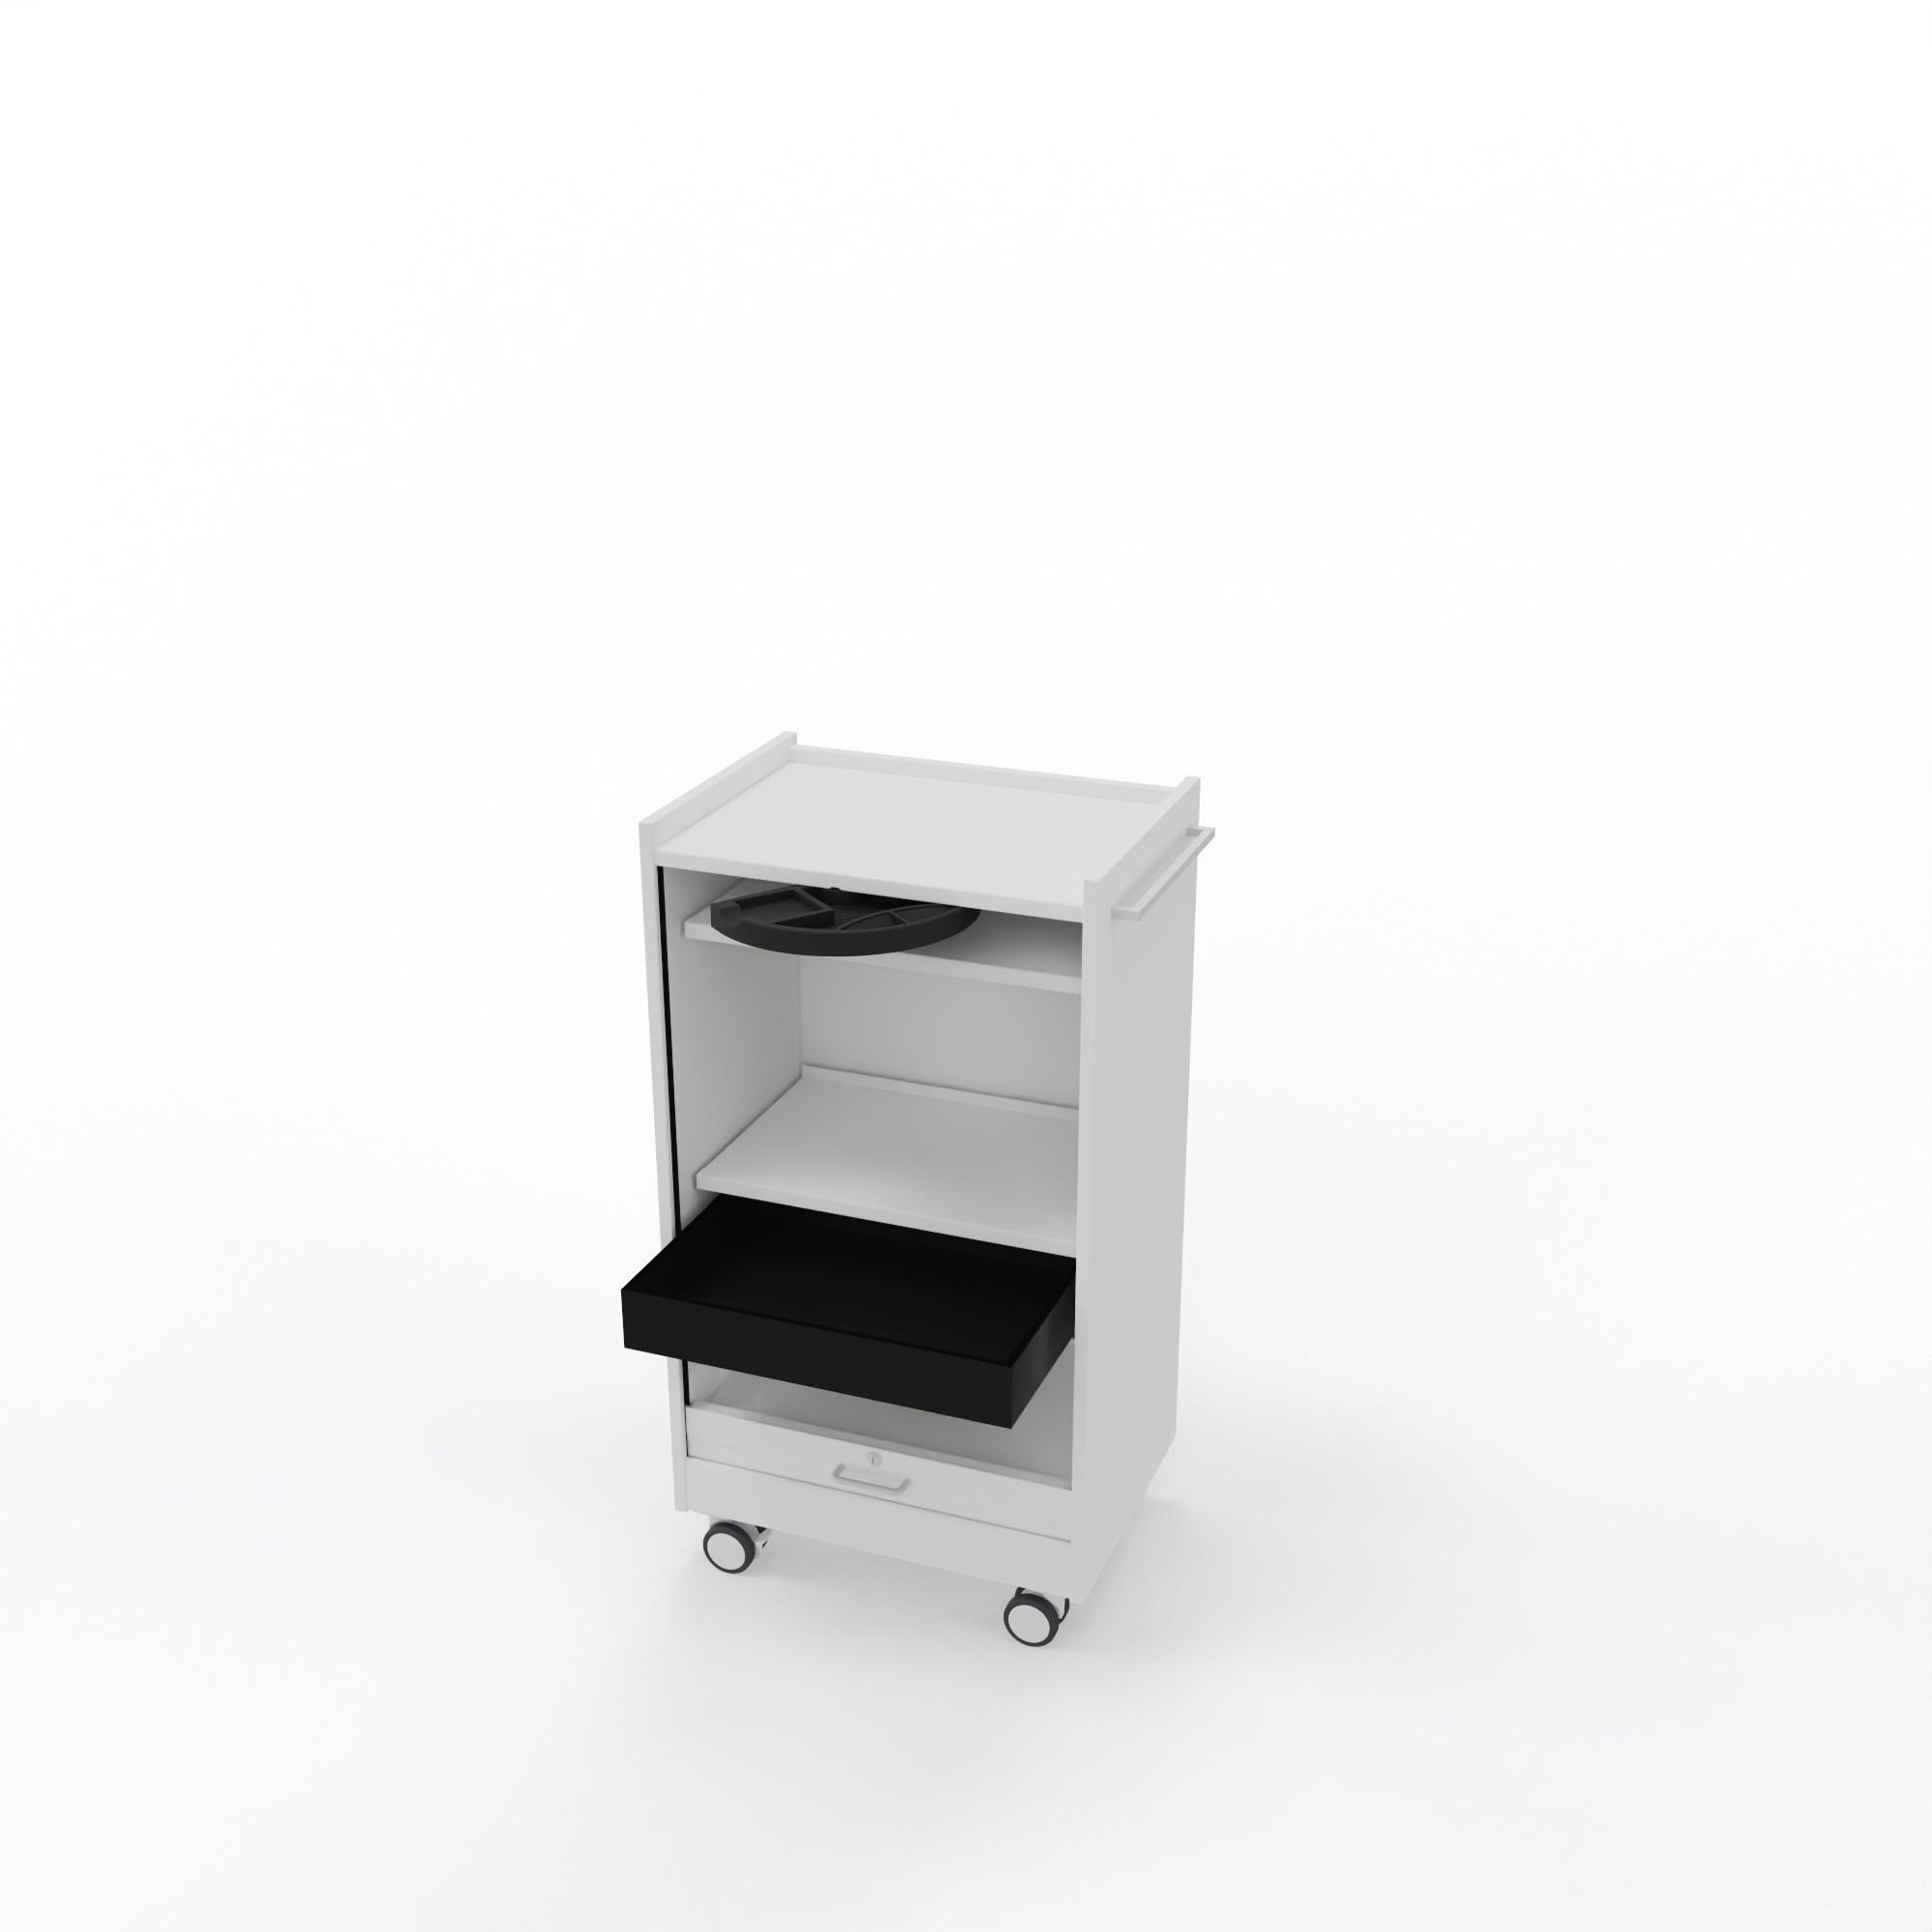 """Leuwico """"desk-add"""" mit Vertikalrollladen, 60 cm breit"""